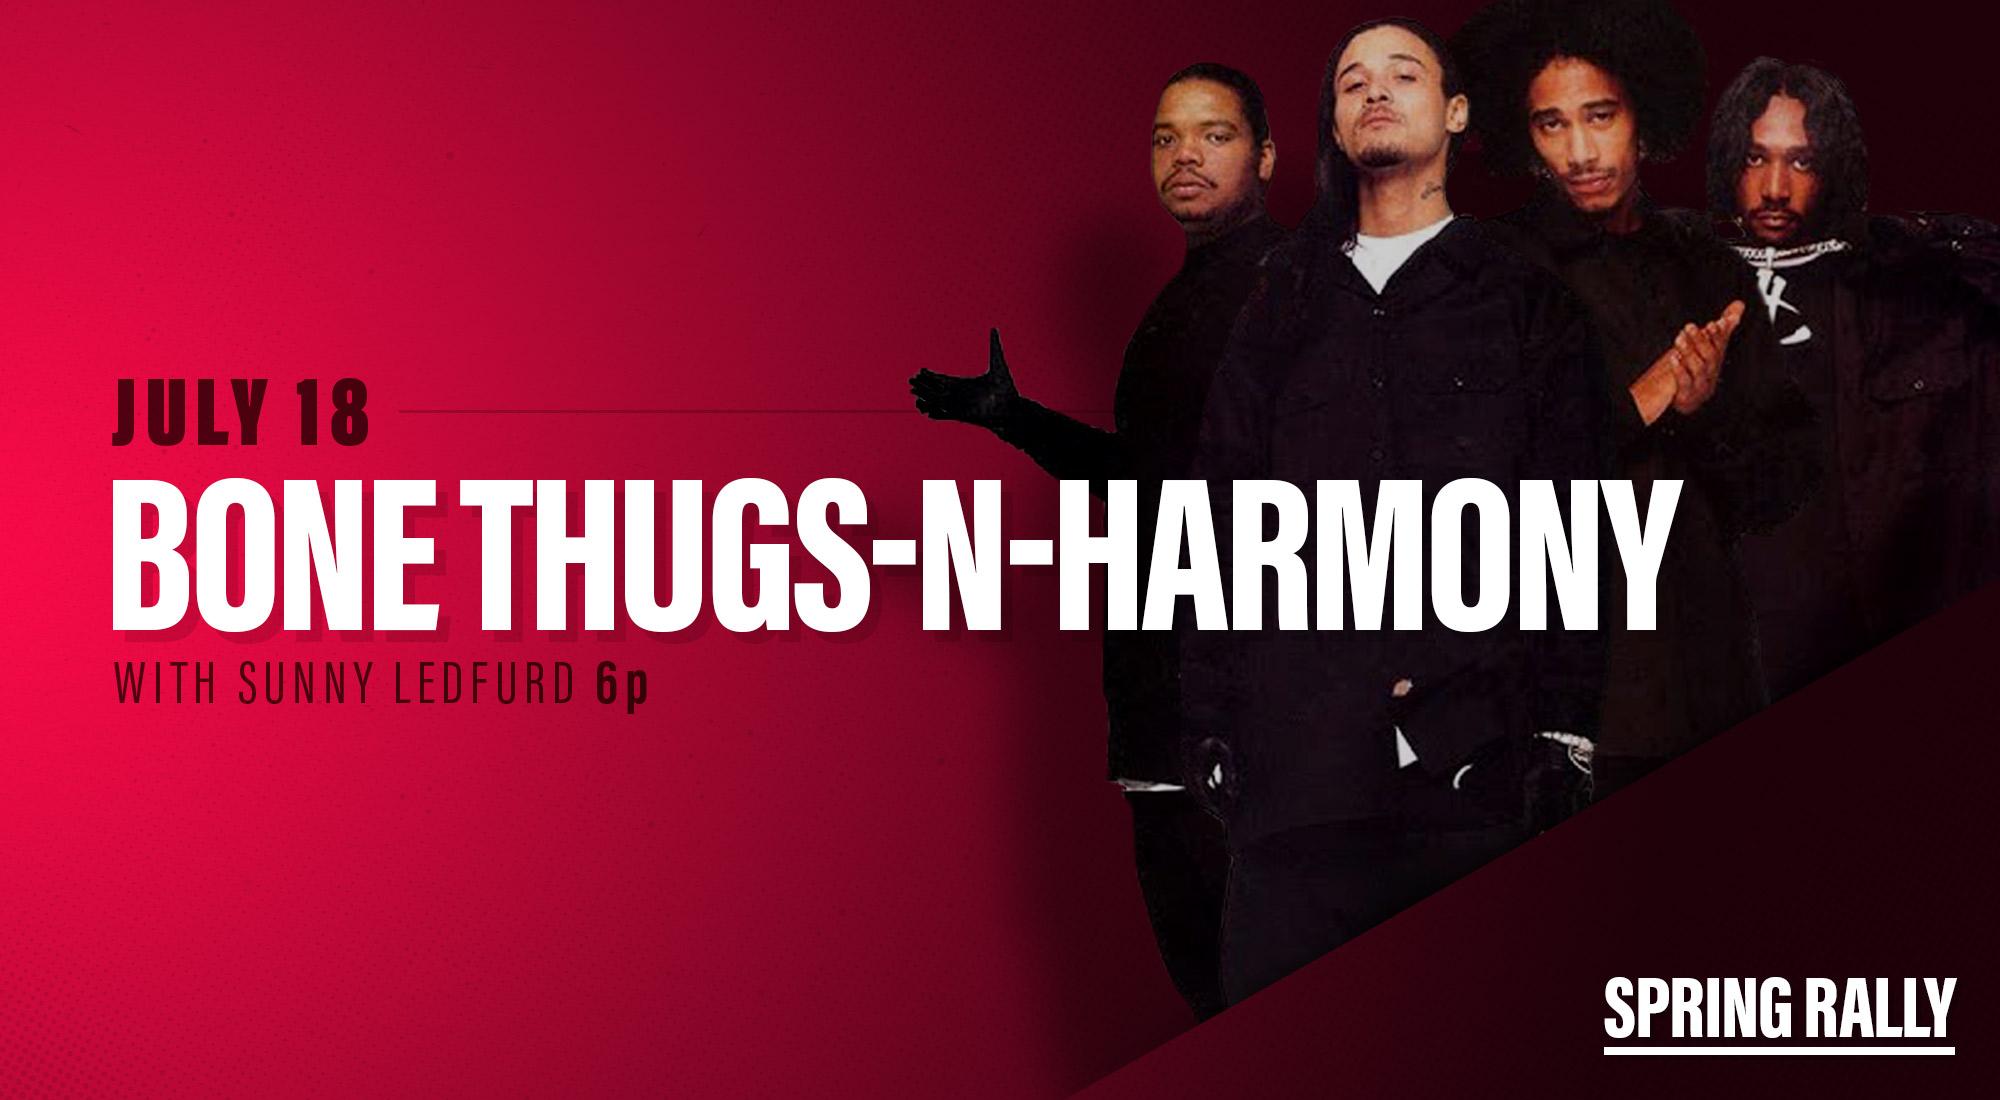 SBB-Bone-Thugs-n-Harmony